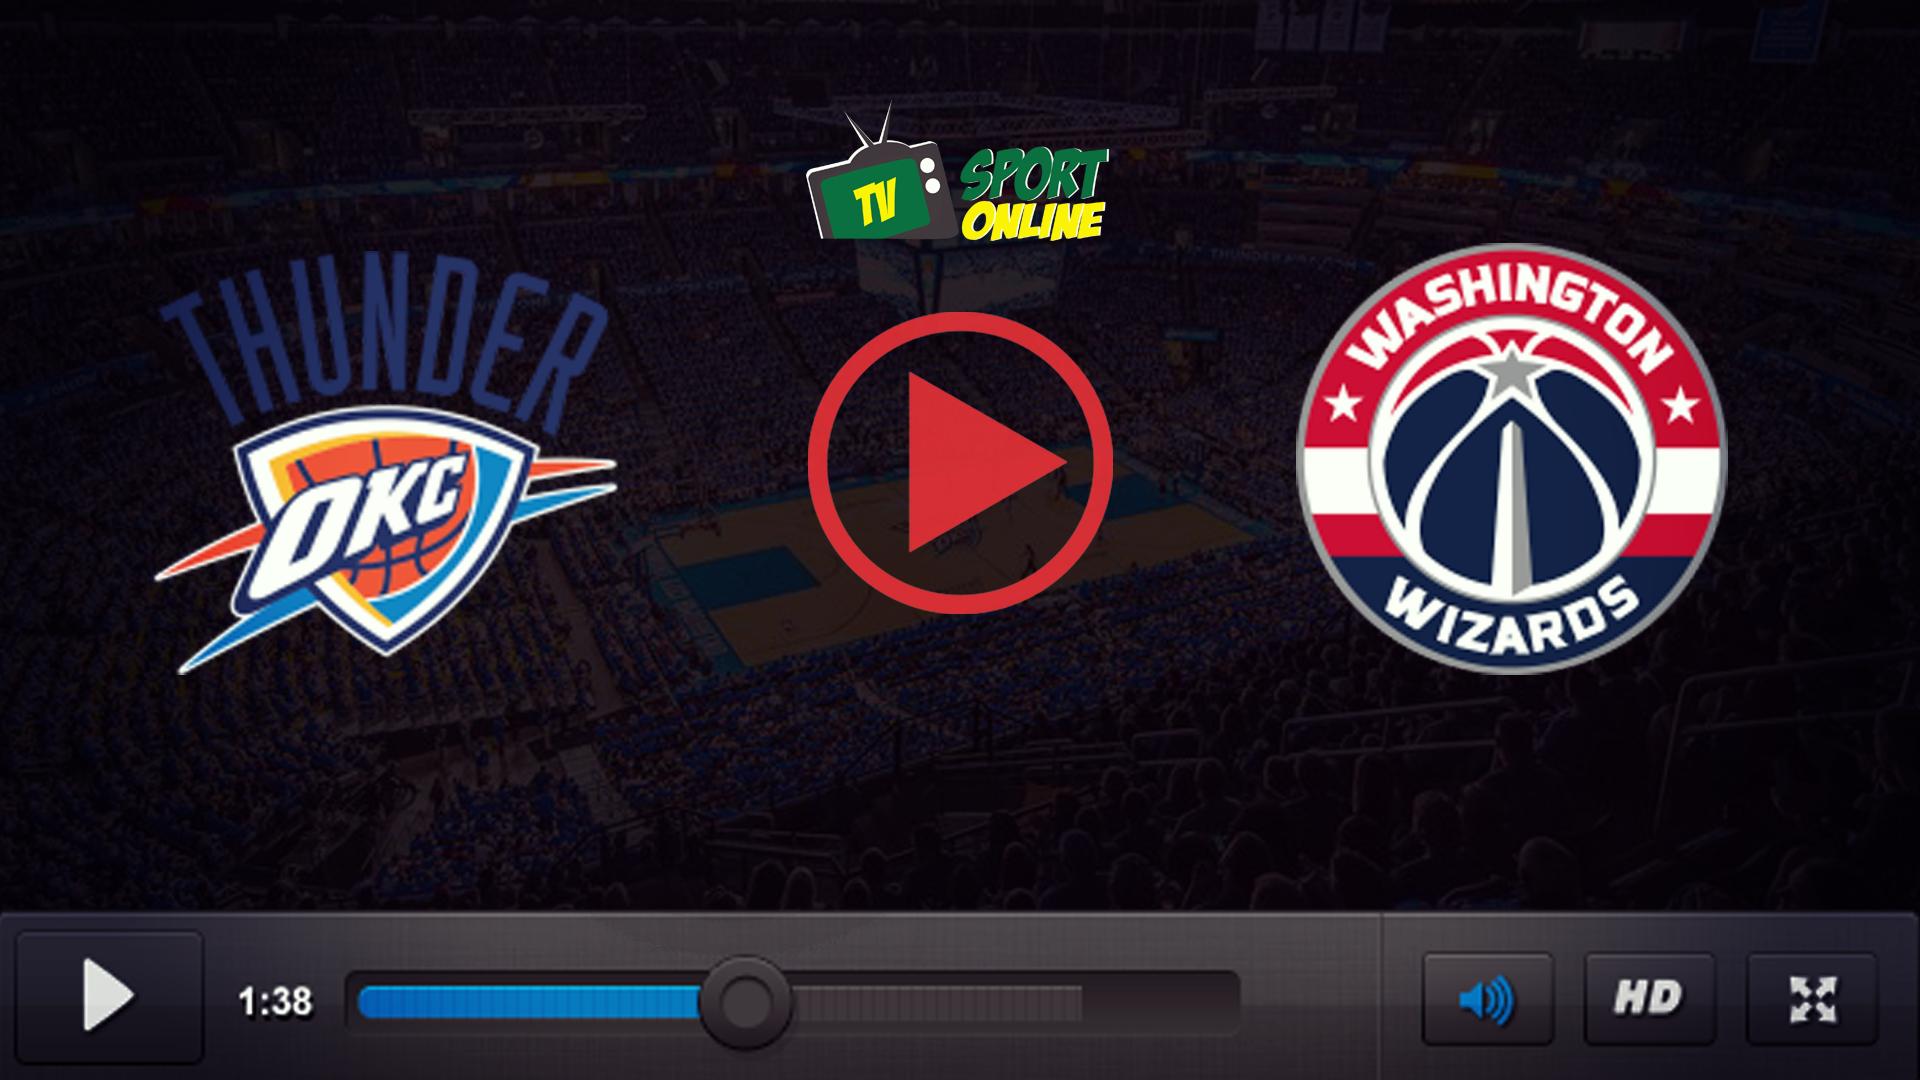 Watch Live Stream Oklahoma City Thunder – Washington Wizards